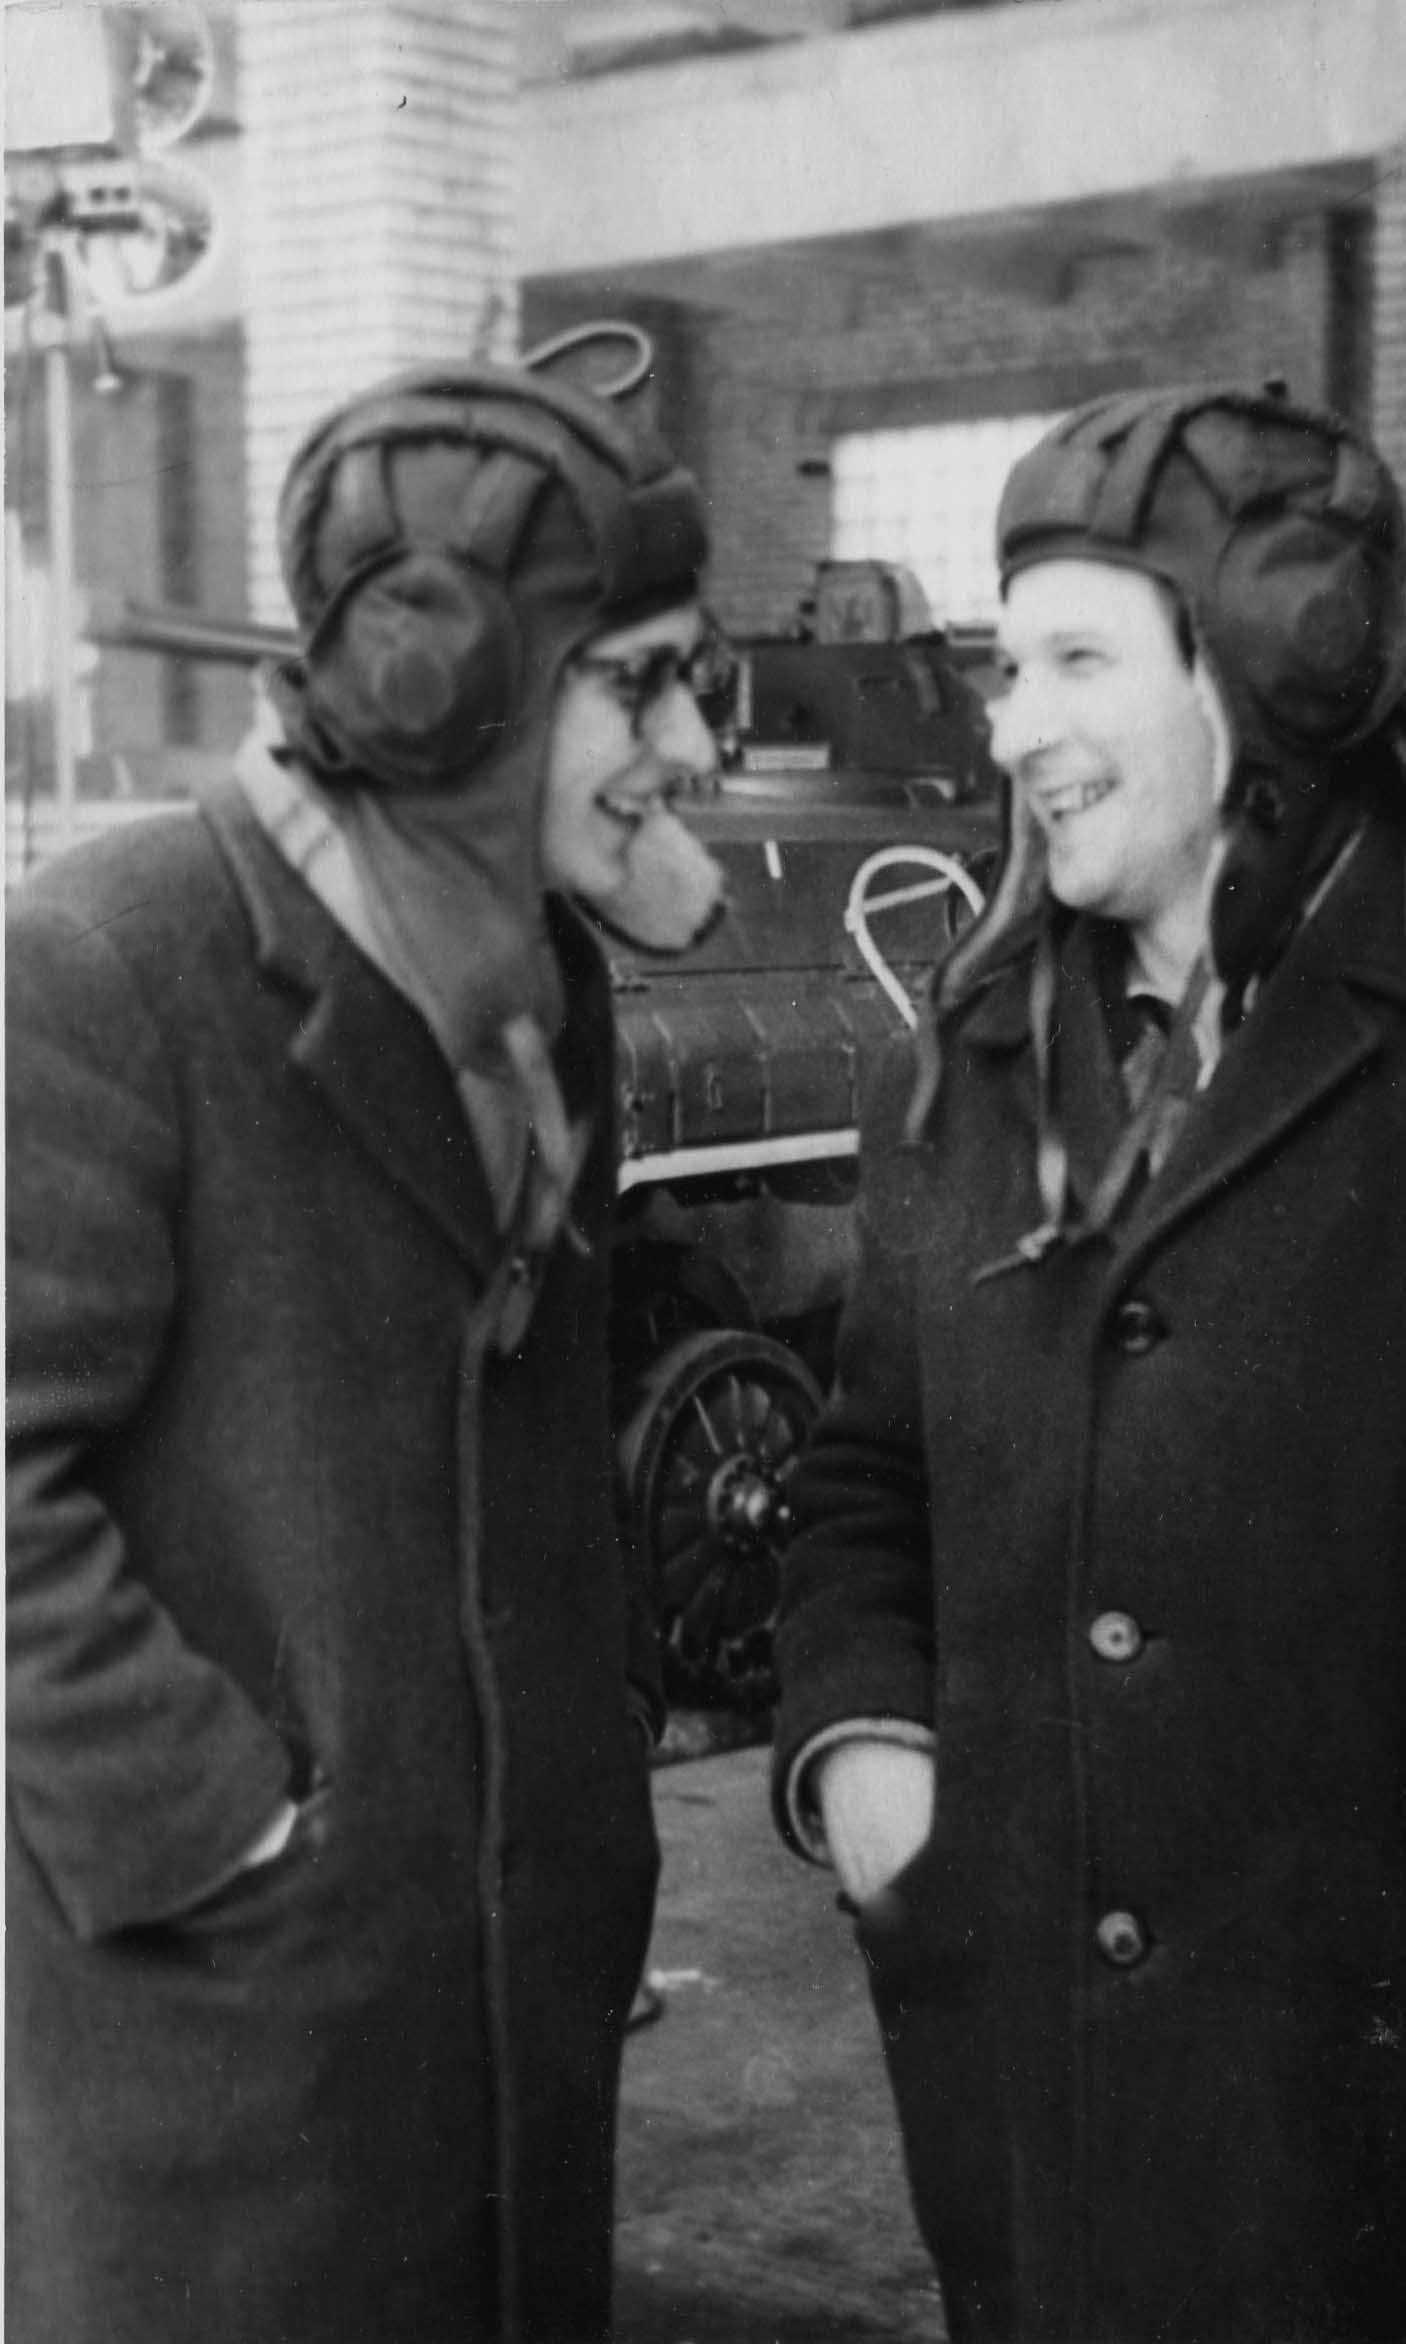 Экспонат #4. С Борисом Денисовым в Таманской дивизии. 1974 год